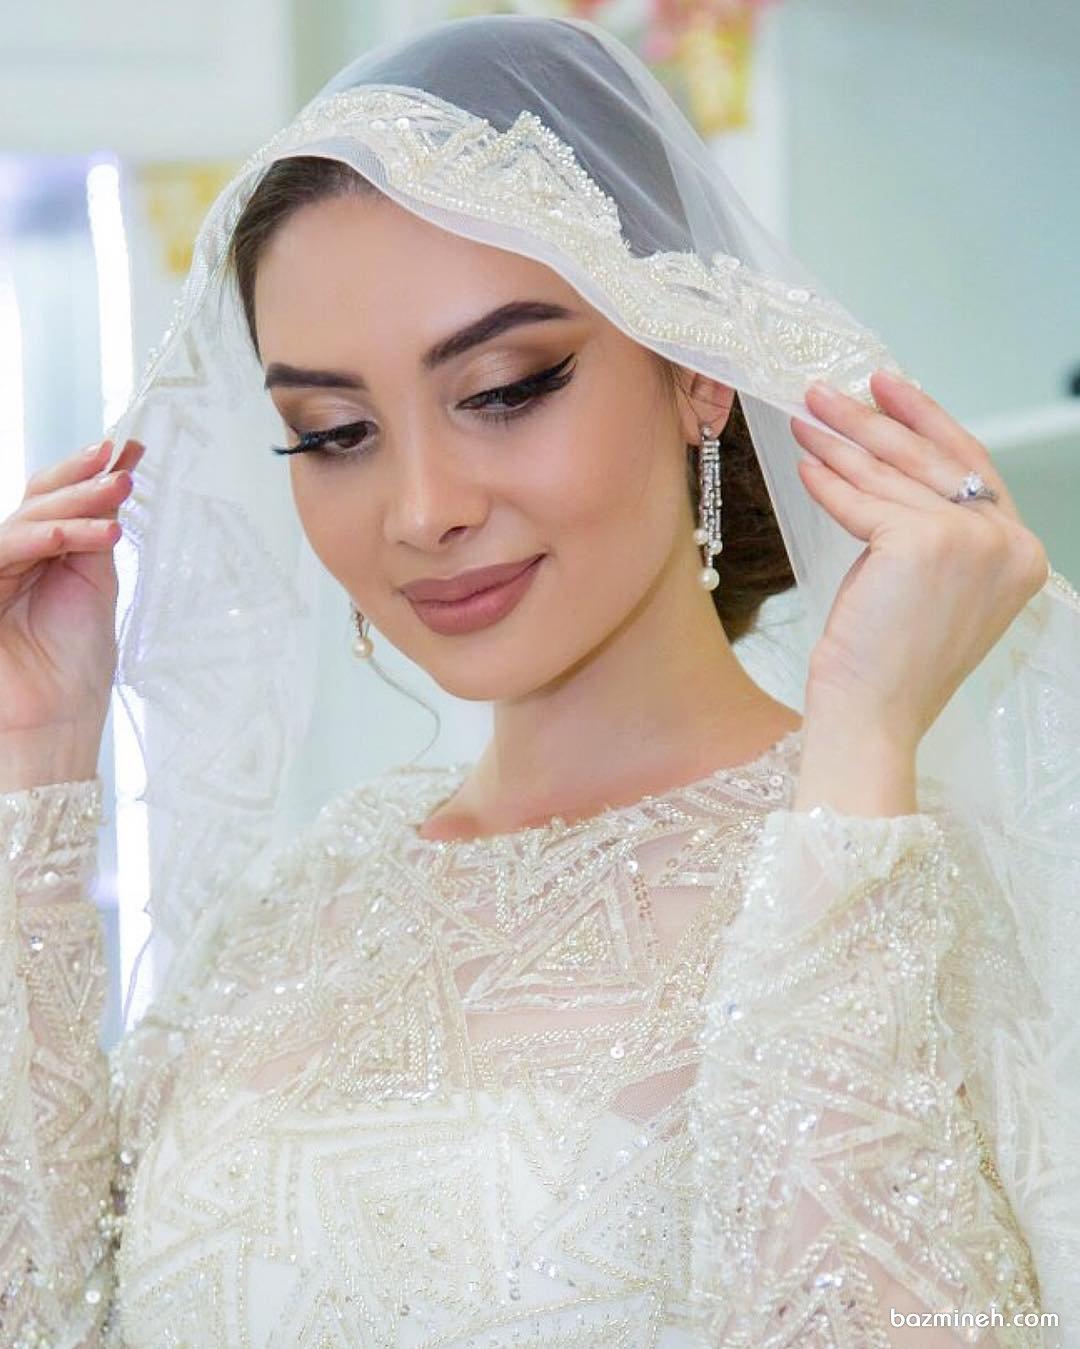 آرایش عروس با خط چشم کشیده و رژ لب کالباسی